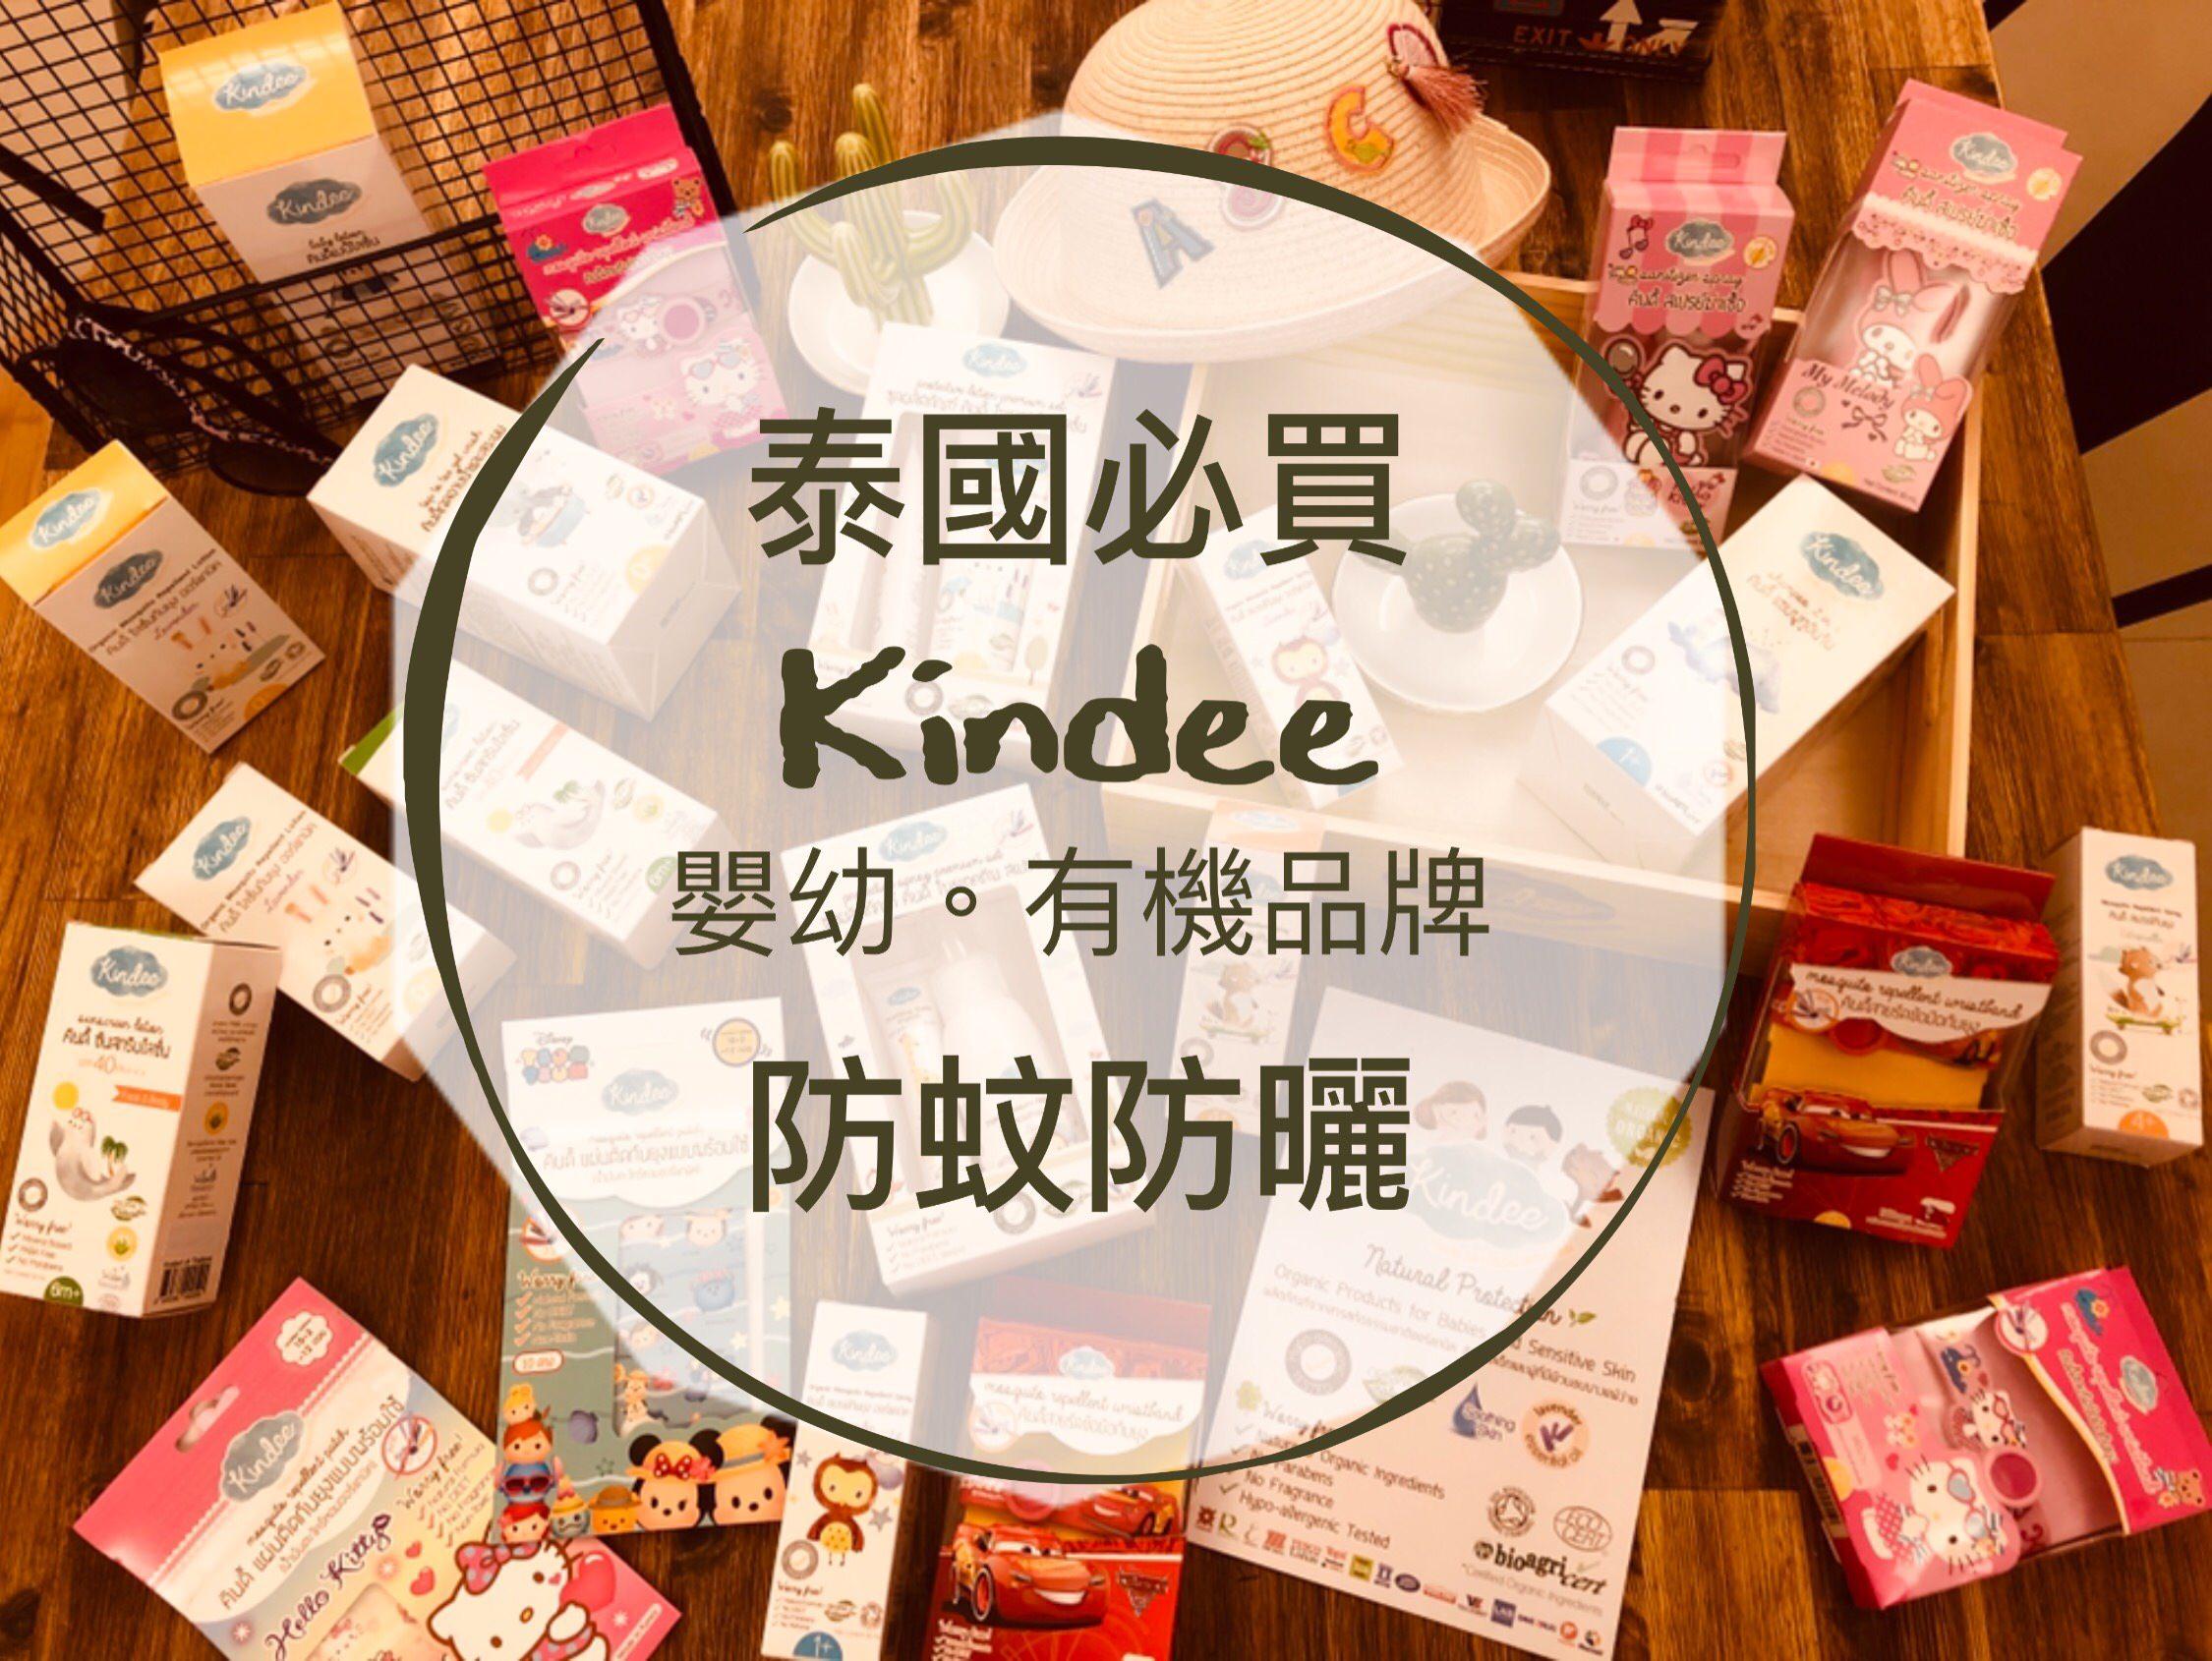 泰國. 必買!! 天然配方『Kindee』有機品牌,寶寶防蚊液、防曬、消毒